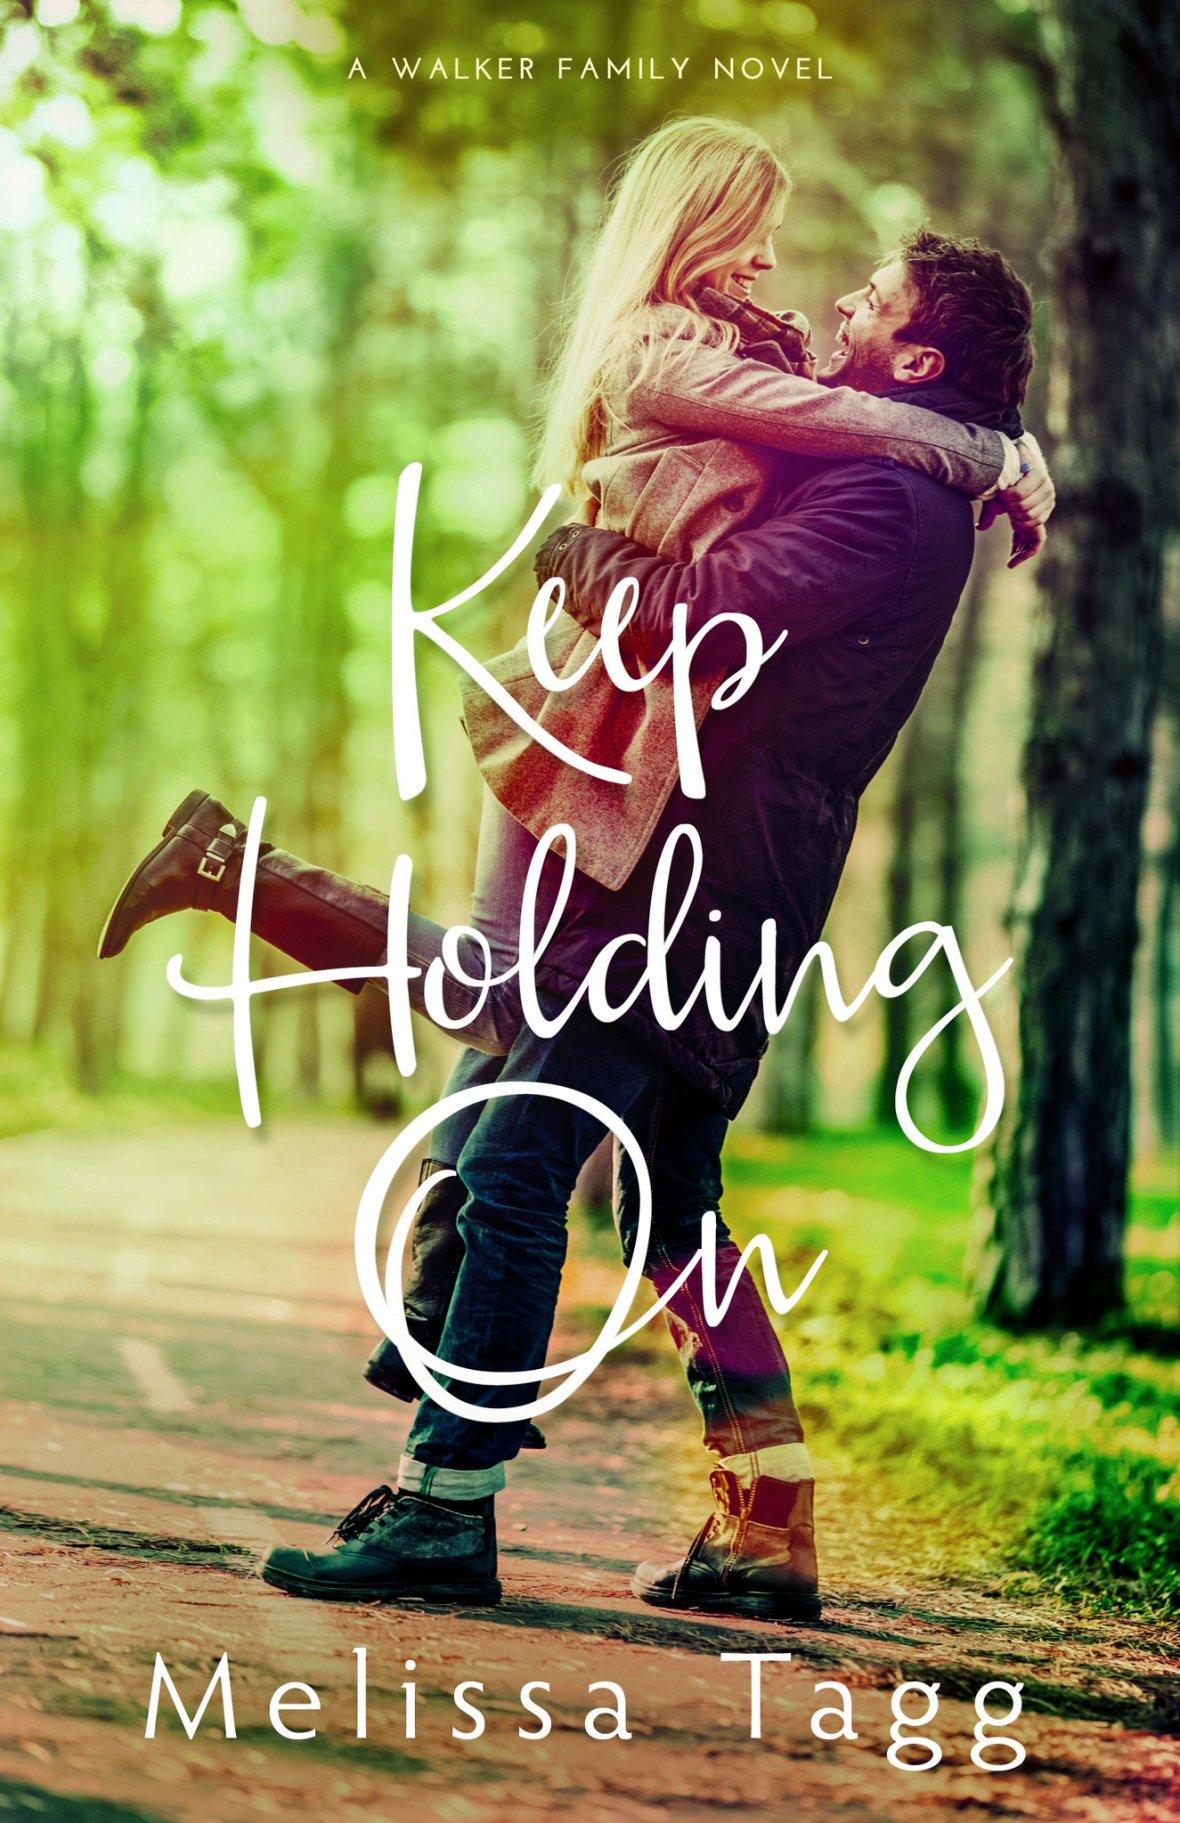 Keep Holding On Melissa Tagg